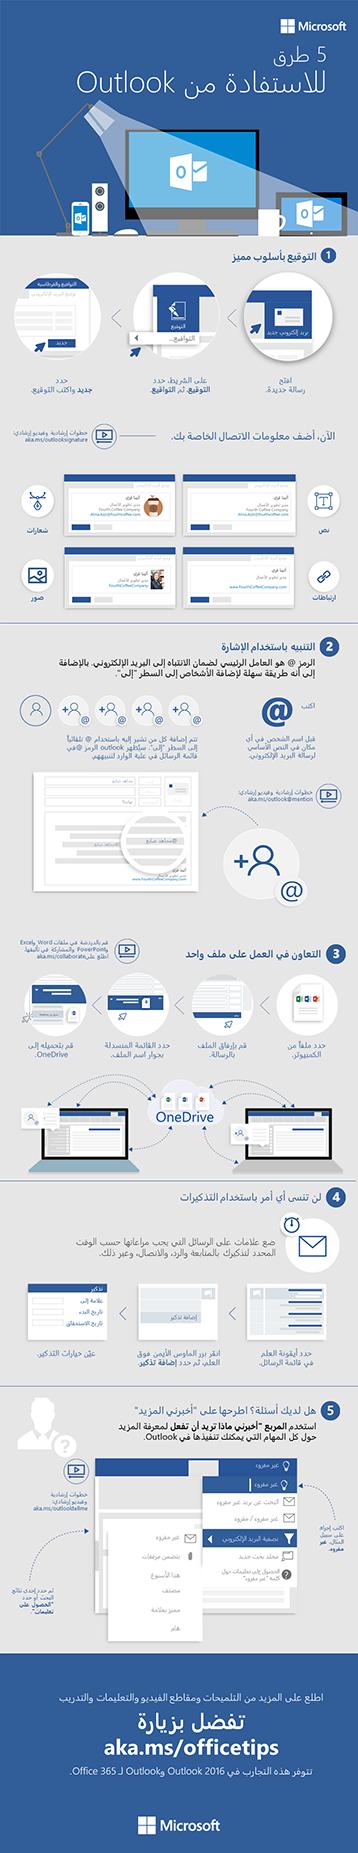 5 خطوات لبريد إلكتروني أفضل في Outlook 2016